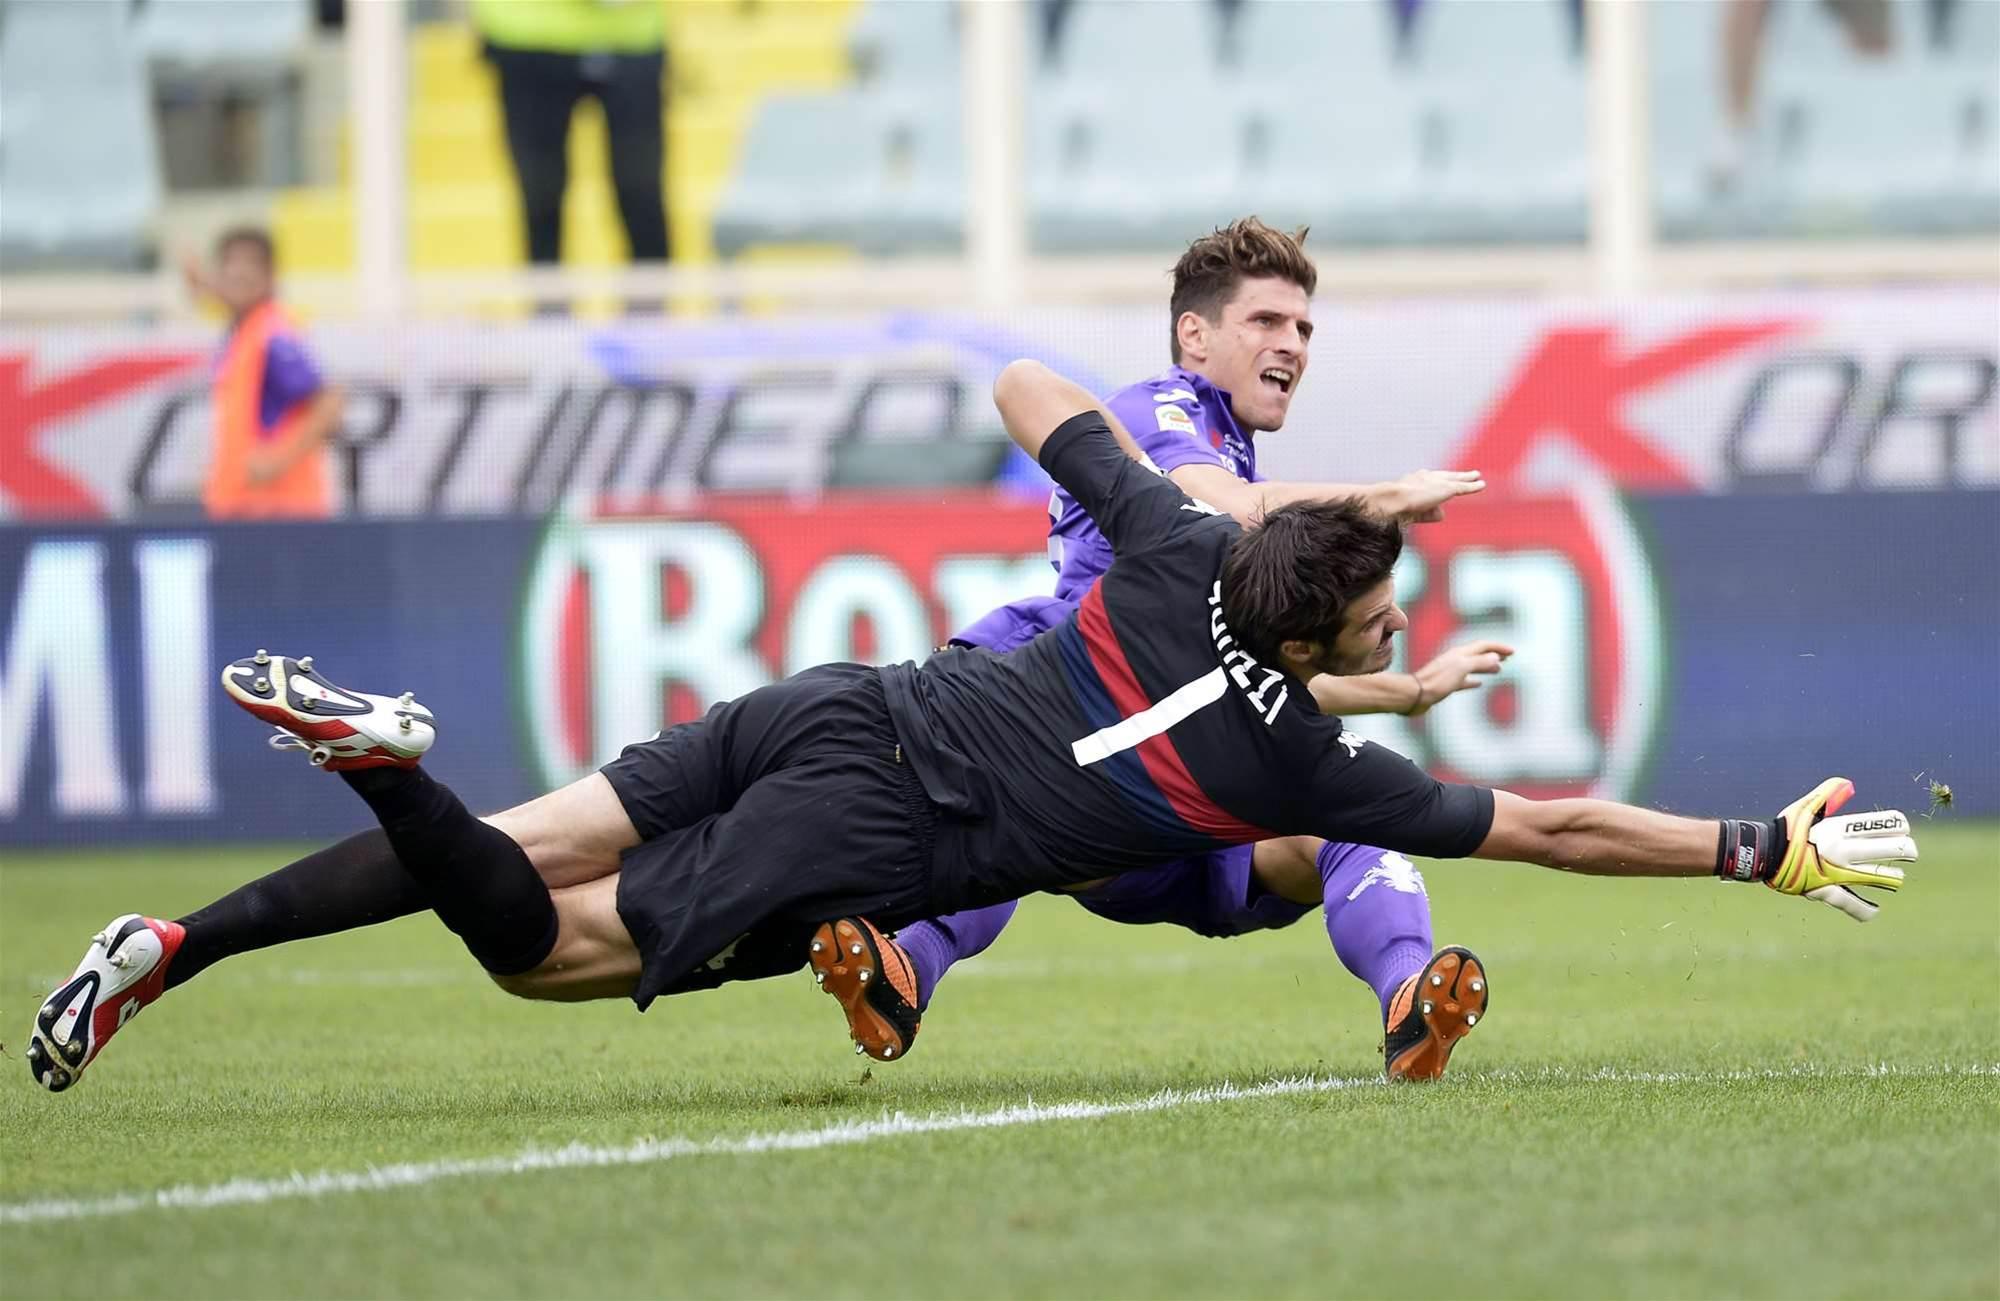 Serie A: Fiorentina held, Lazio cruise to win